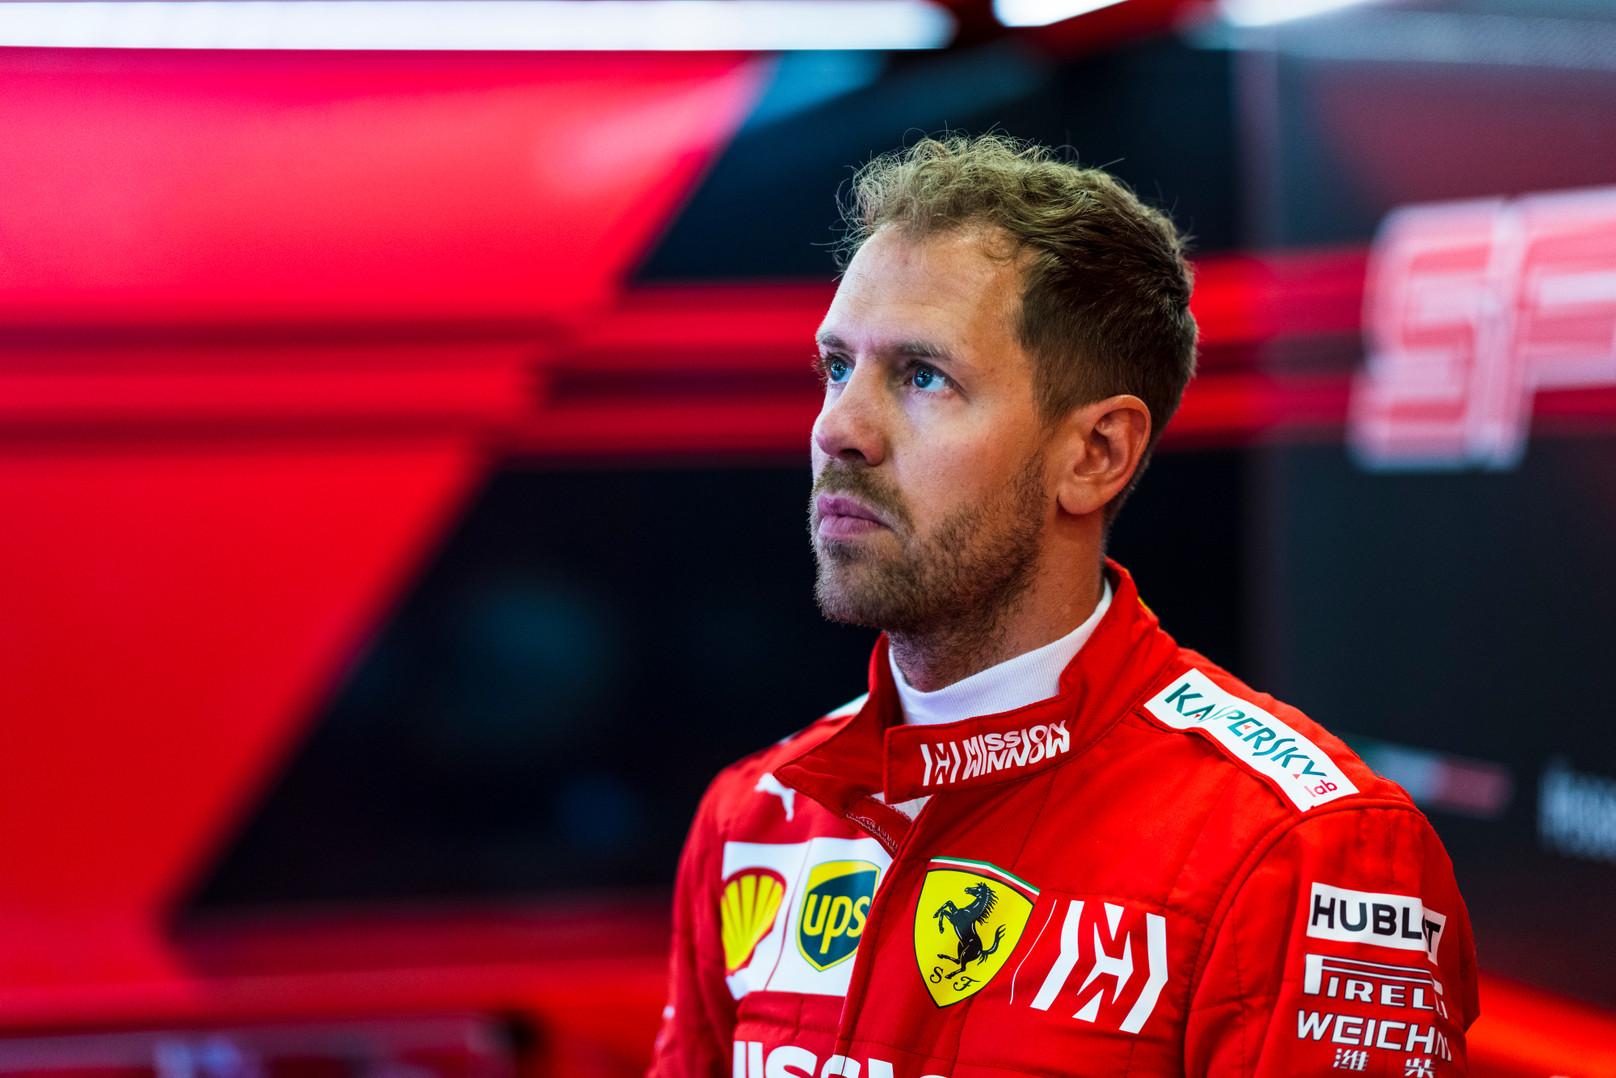 S. Vettelis: mano nuomonė nepasikeitė